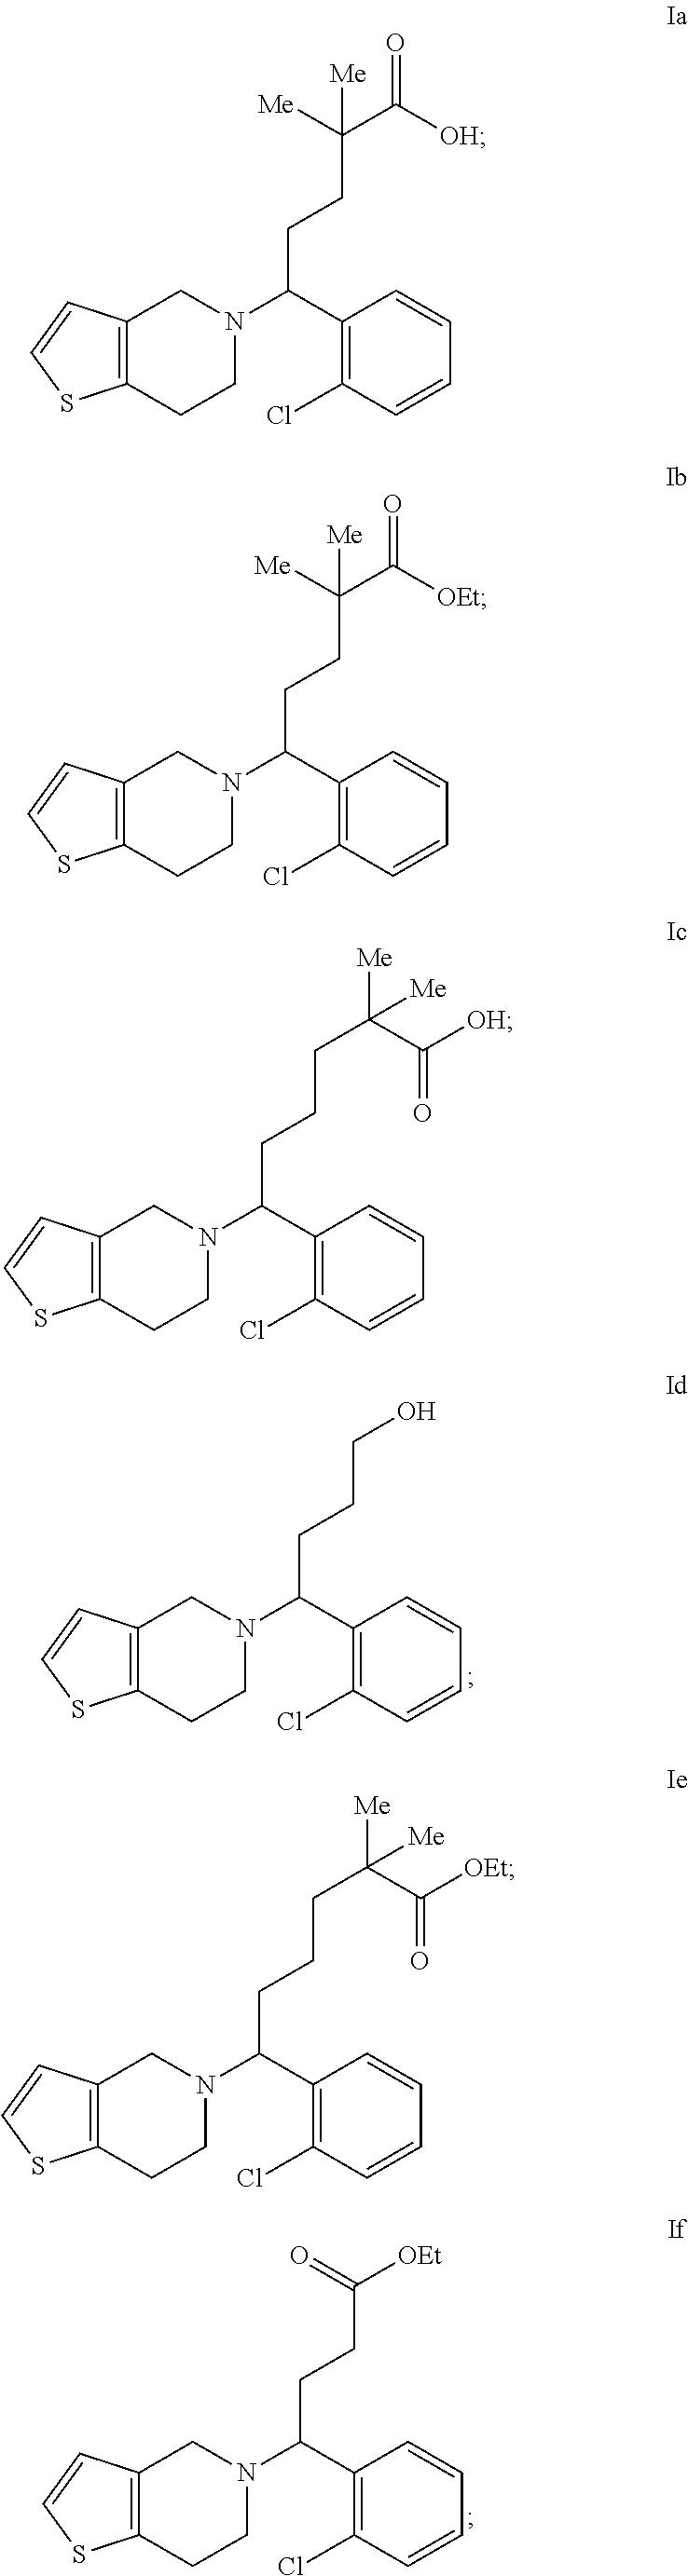 Figure US09085585-20150721-C00015